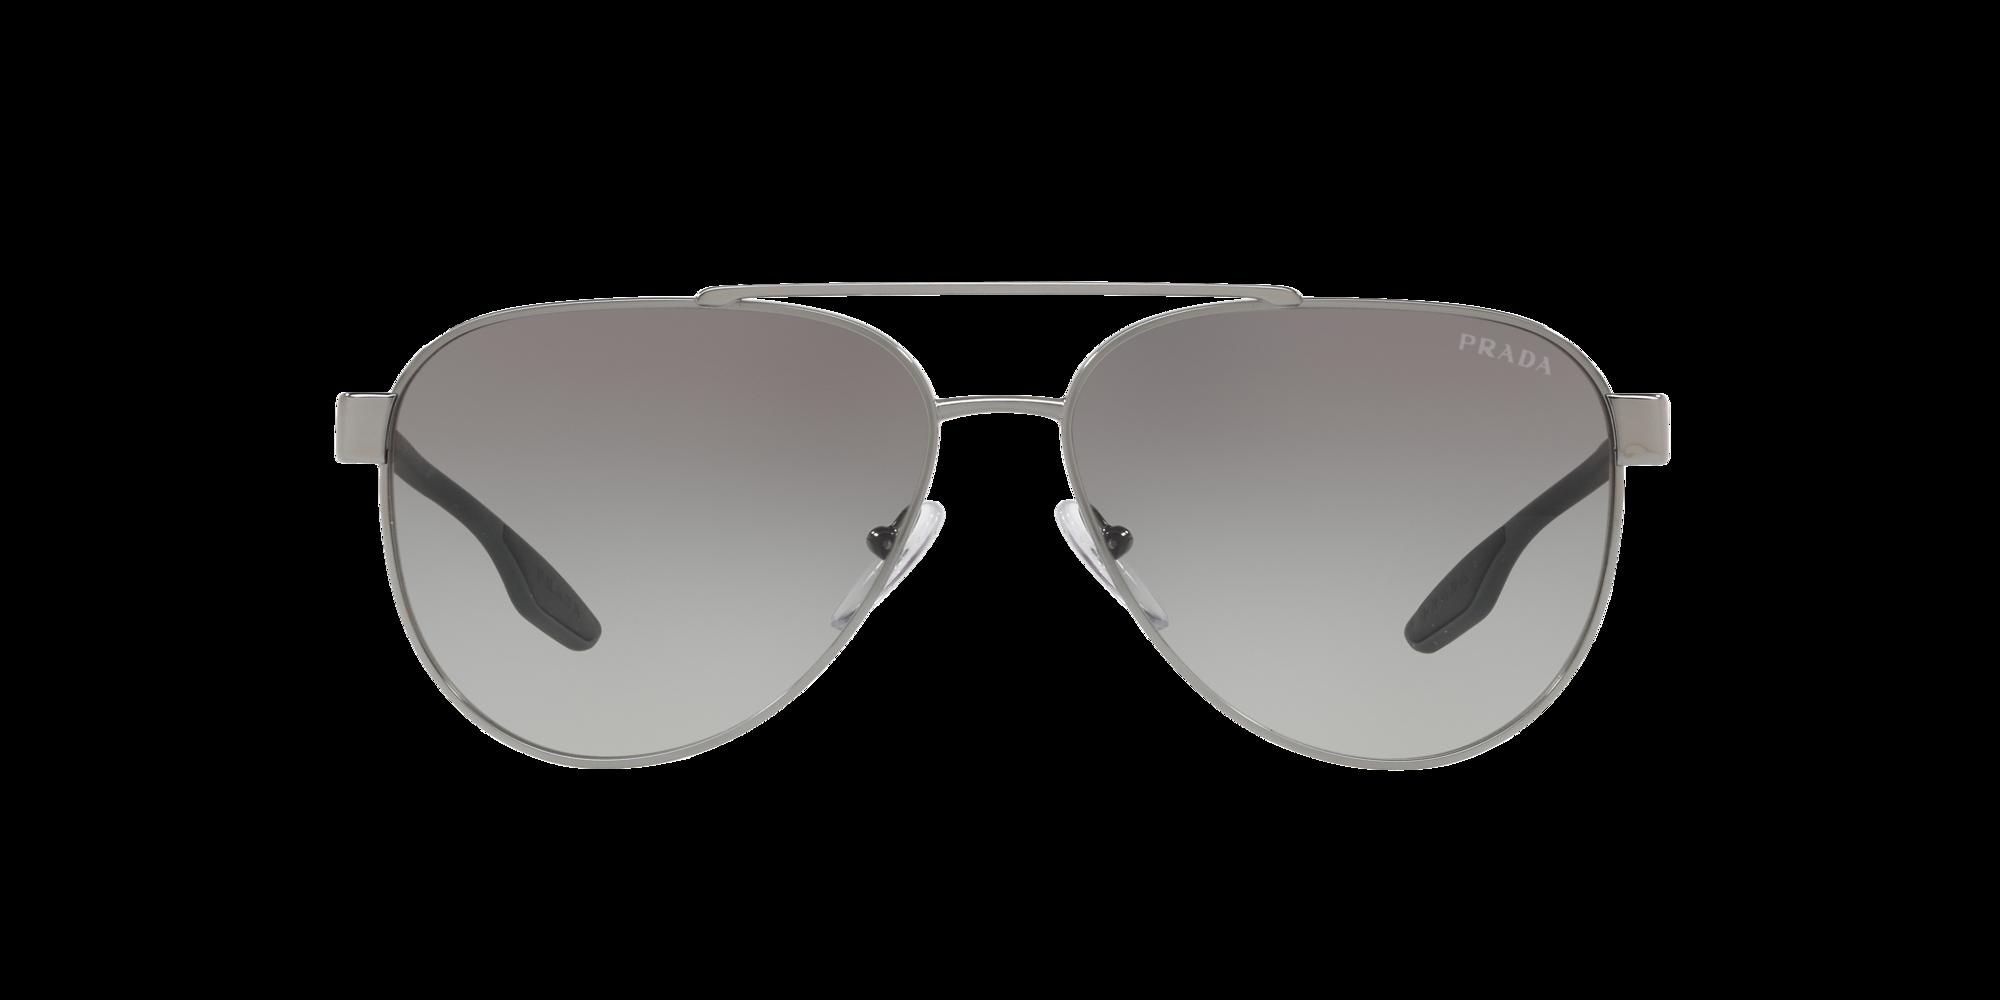 Imagen para PS 54TS 58 LIFESTYLE de LensCrafters |  Espejuelos, espejuelos graduados en línea, gafas